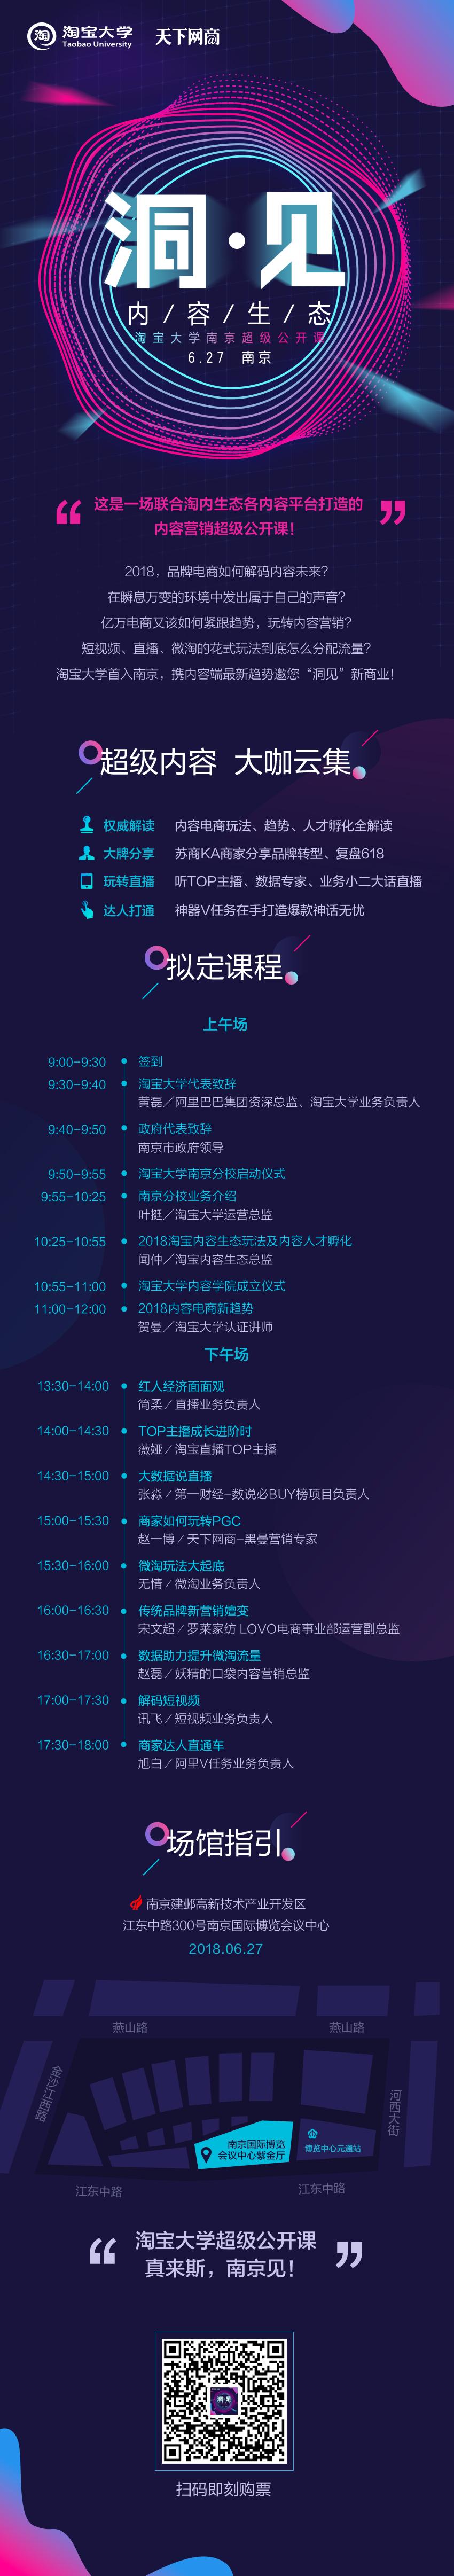 160612洞·见 内容生态 淘宝大学南京超级公开课